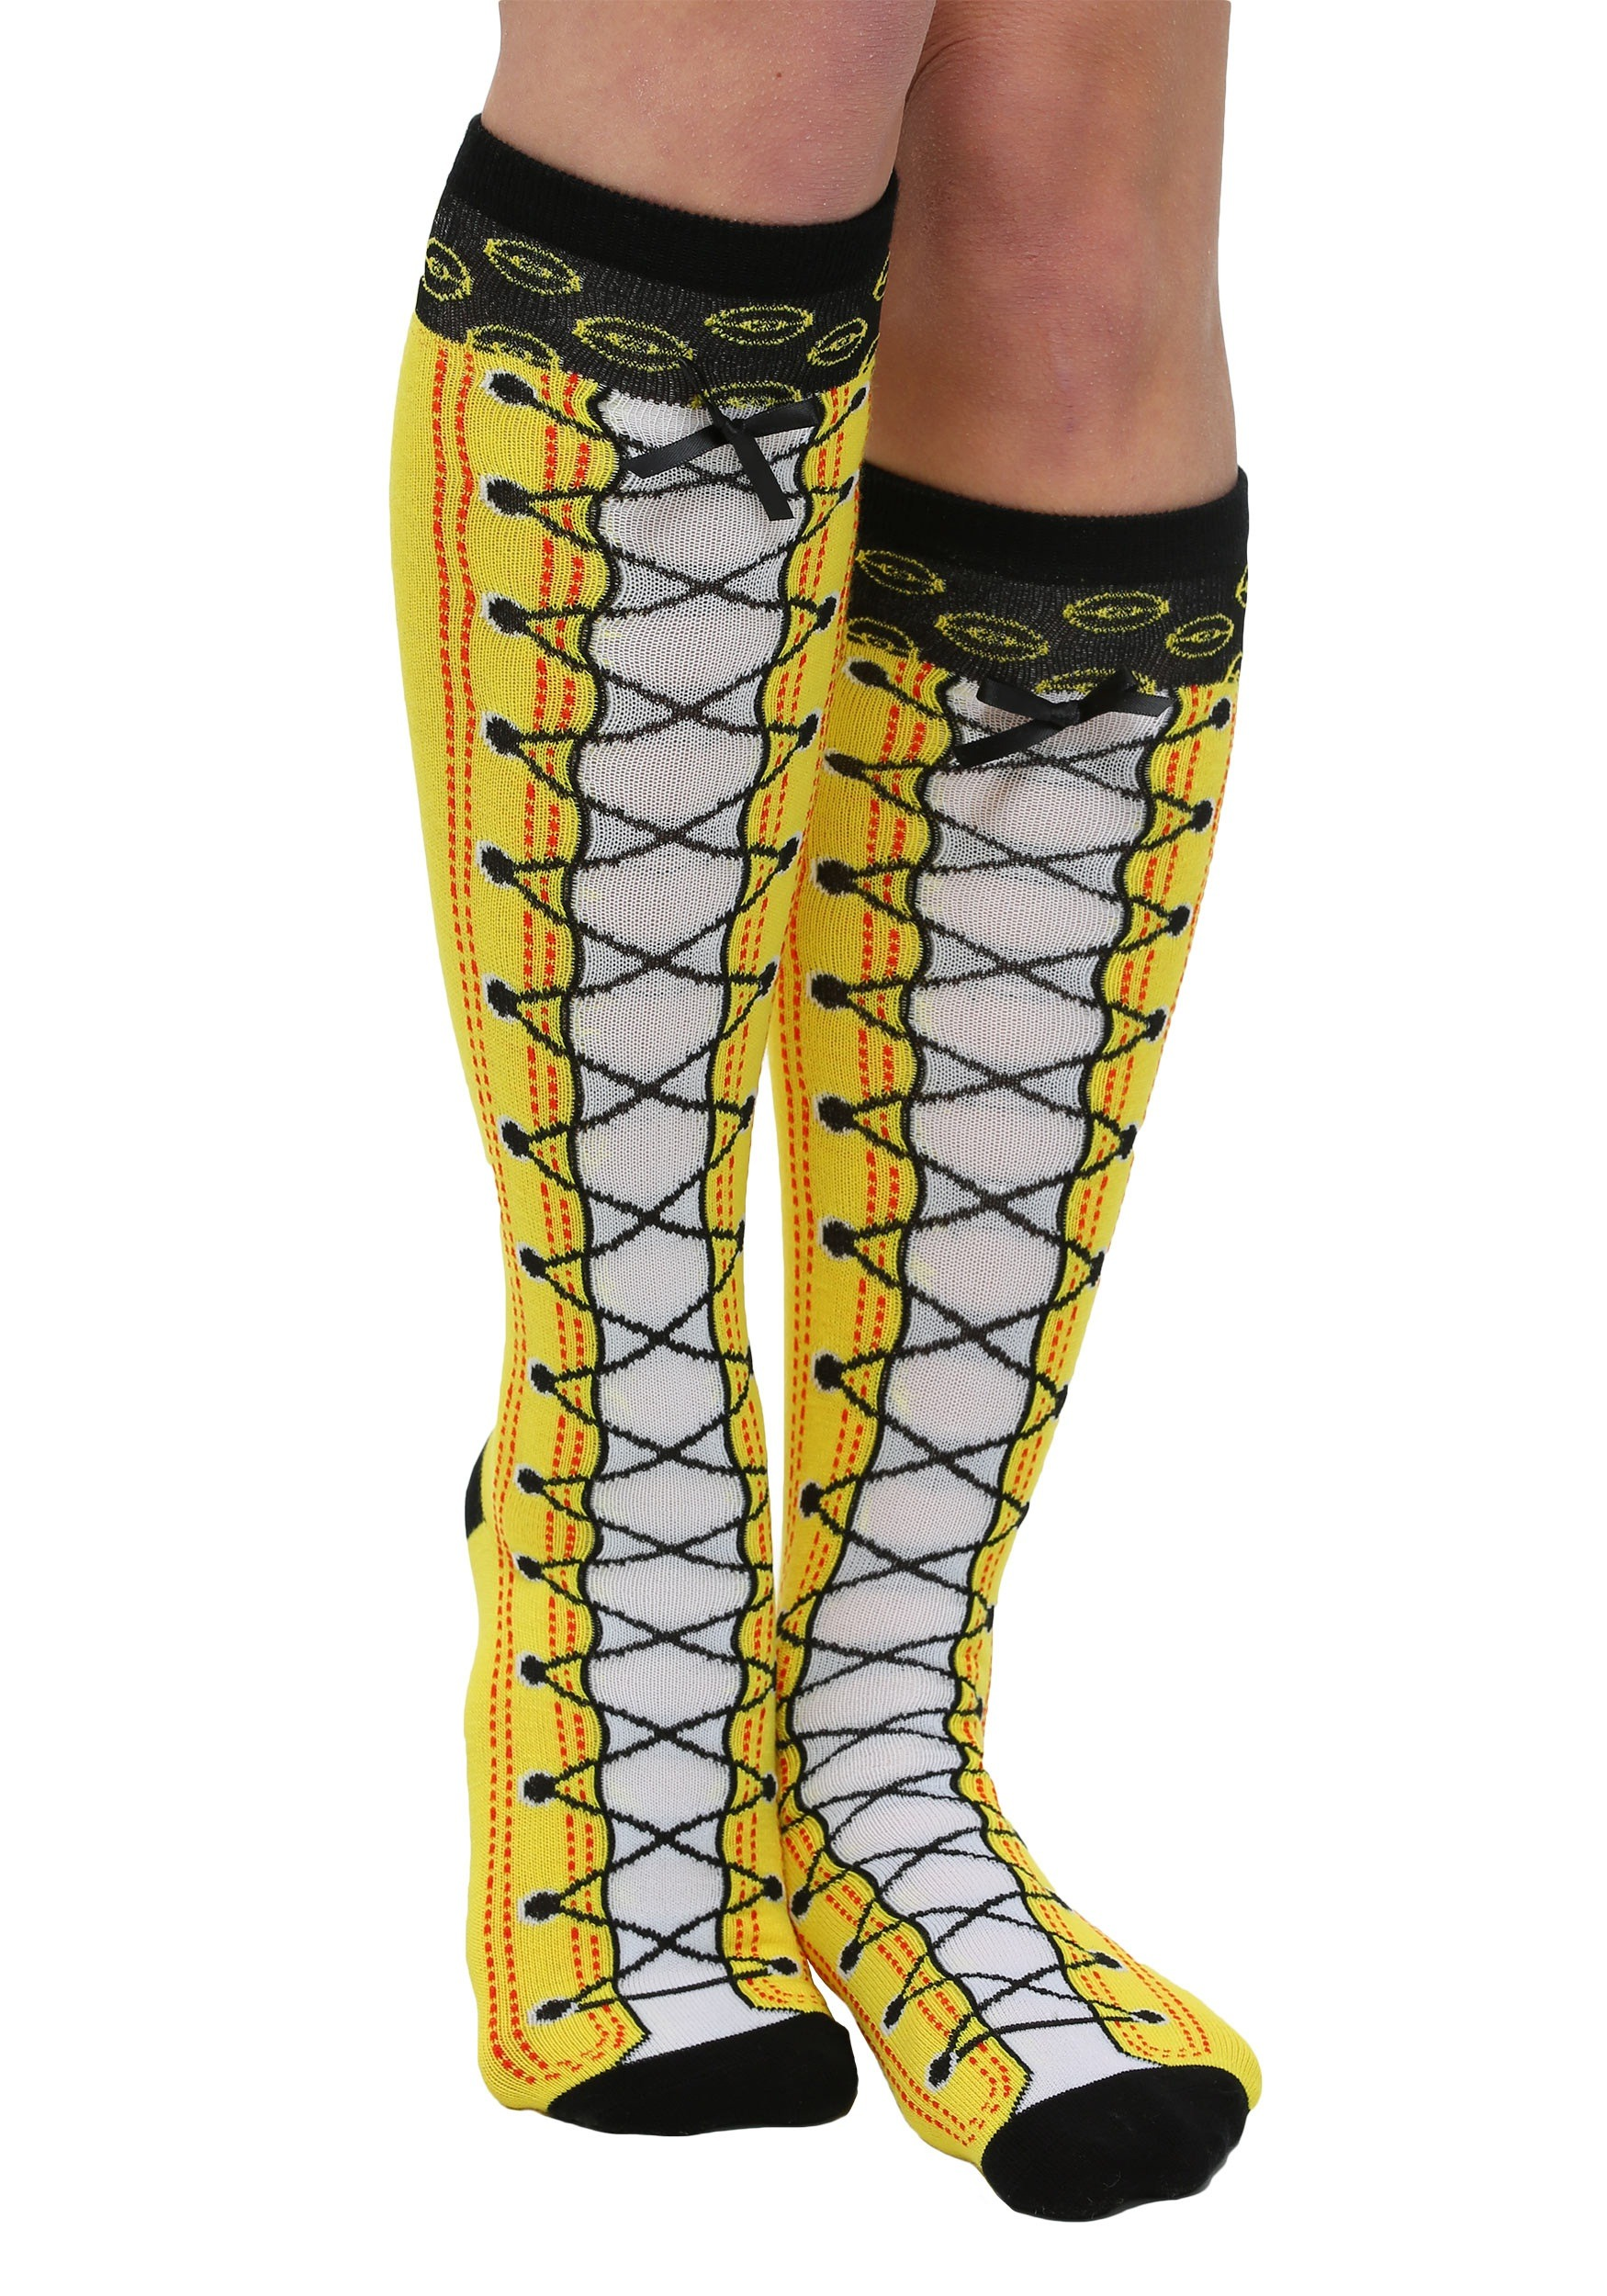 6d2c79d36 Pokemon Faux Lace Up Knee High Socks